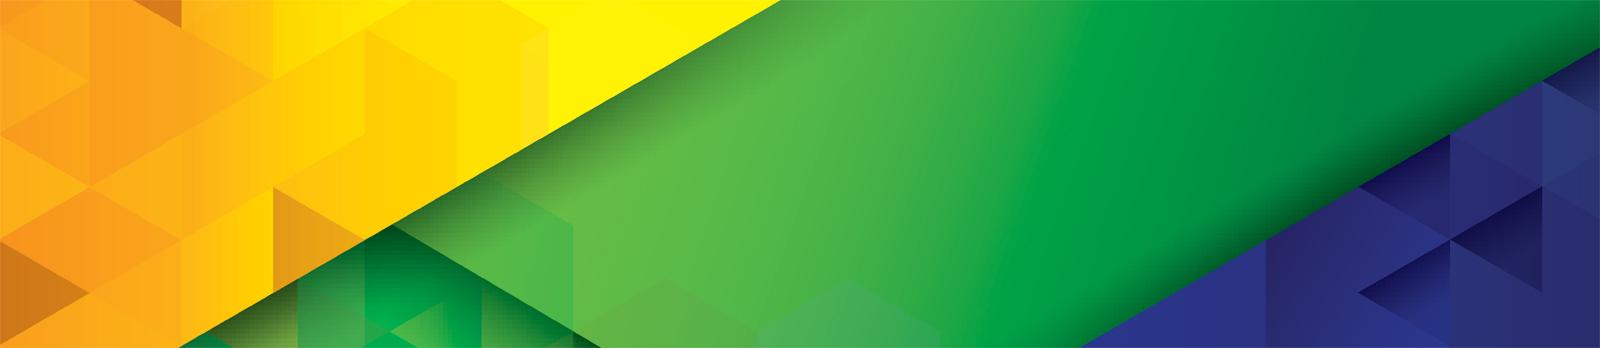 Green global solutions pinoyexchange celebrity